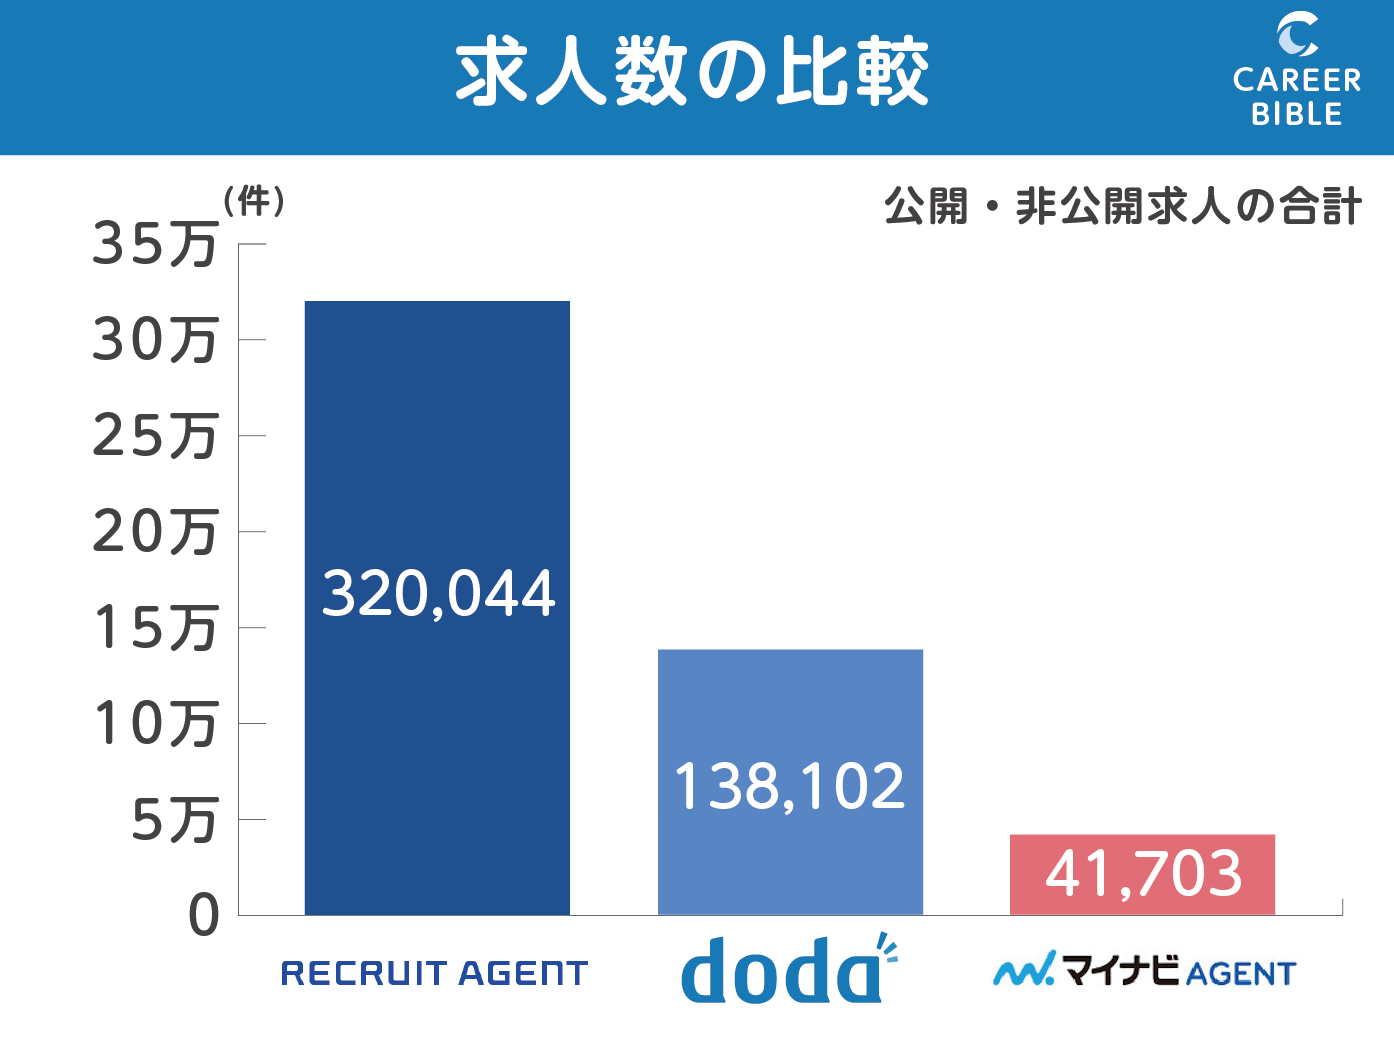 リクルートエージェントとdoda。マイナビエージェントの求人数比較